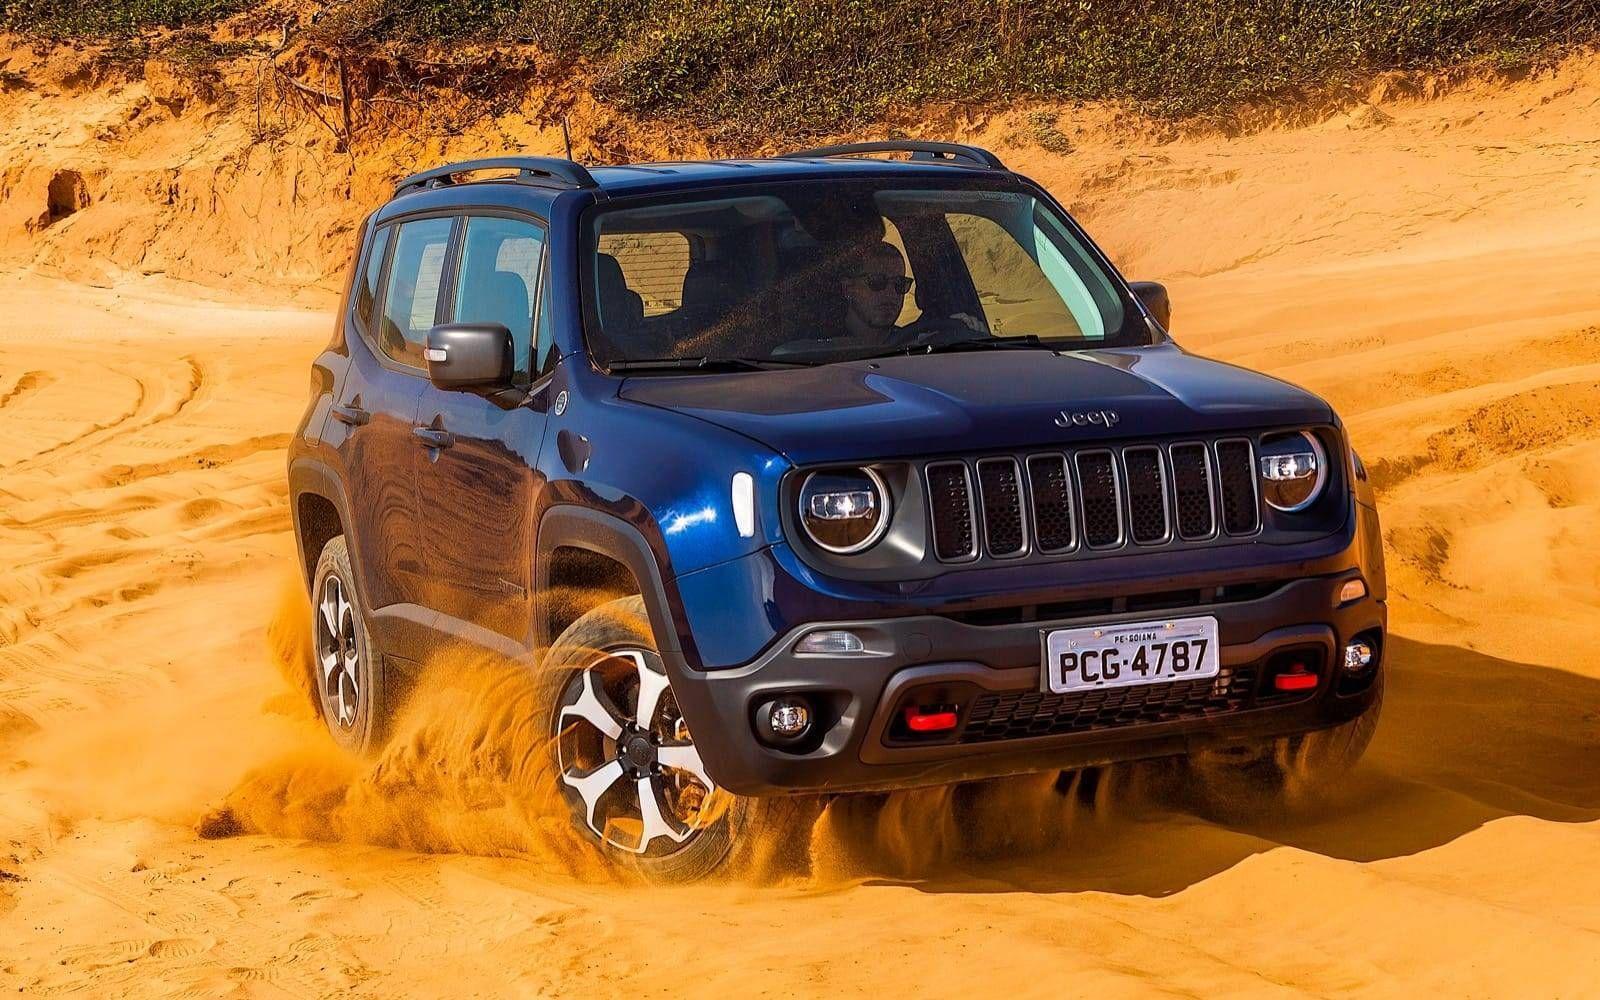 El Renovado Jeep Renegade Ya En Mexico Jeep Renegade Chevrolet